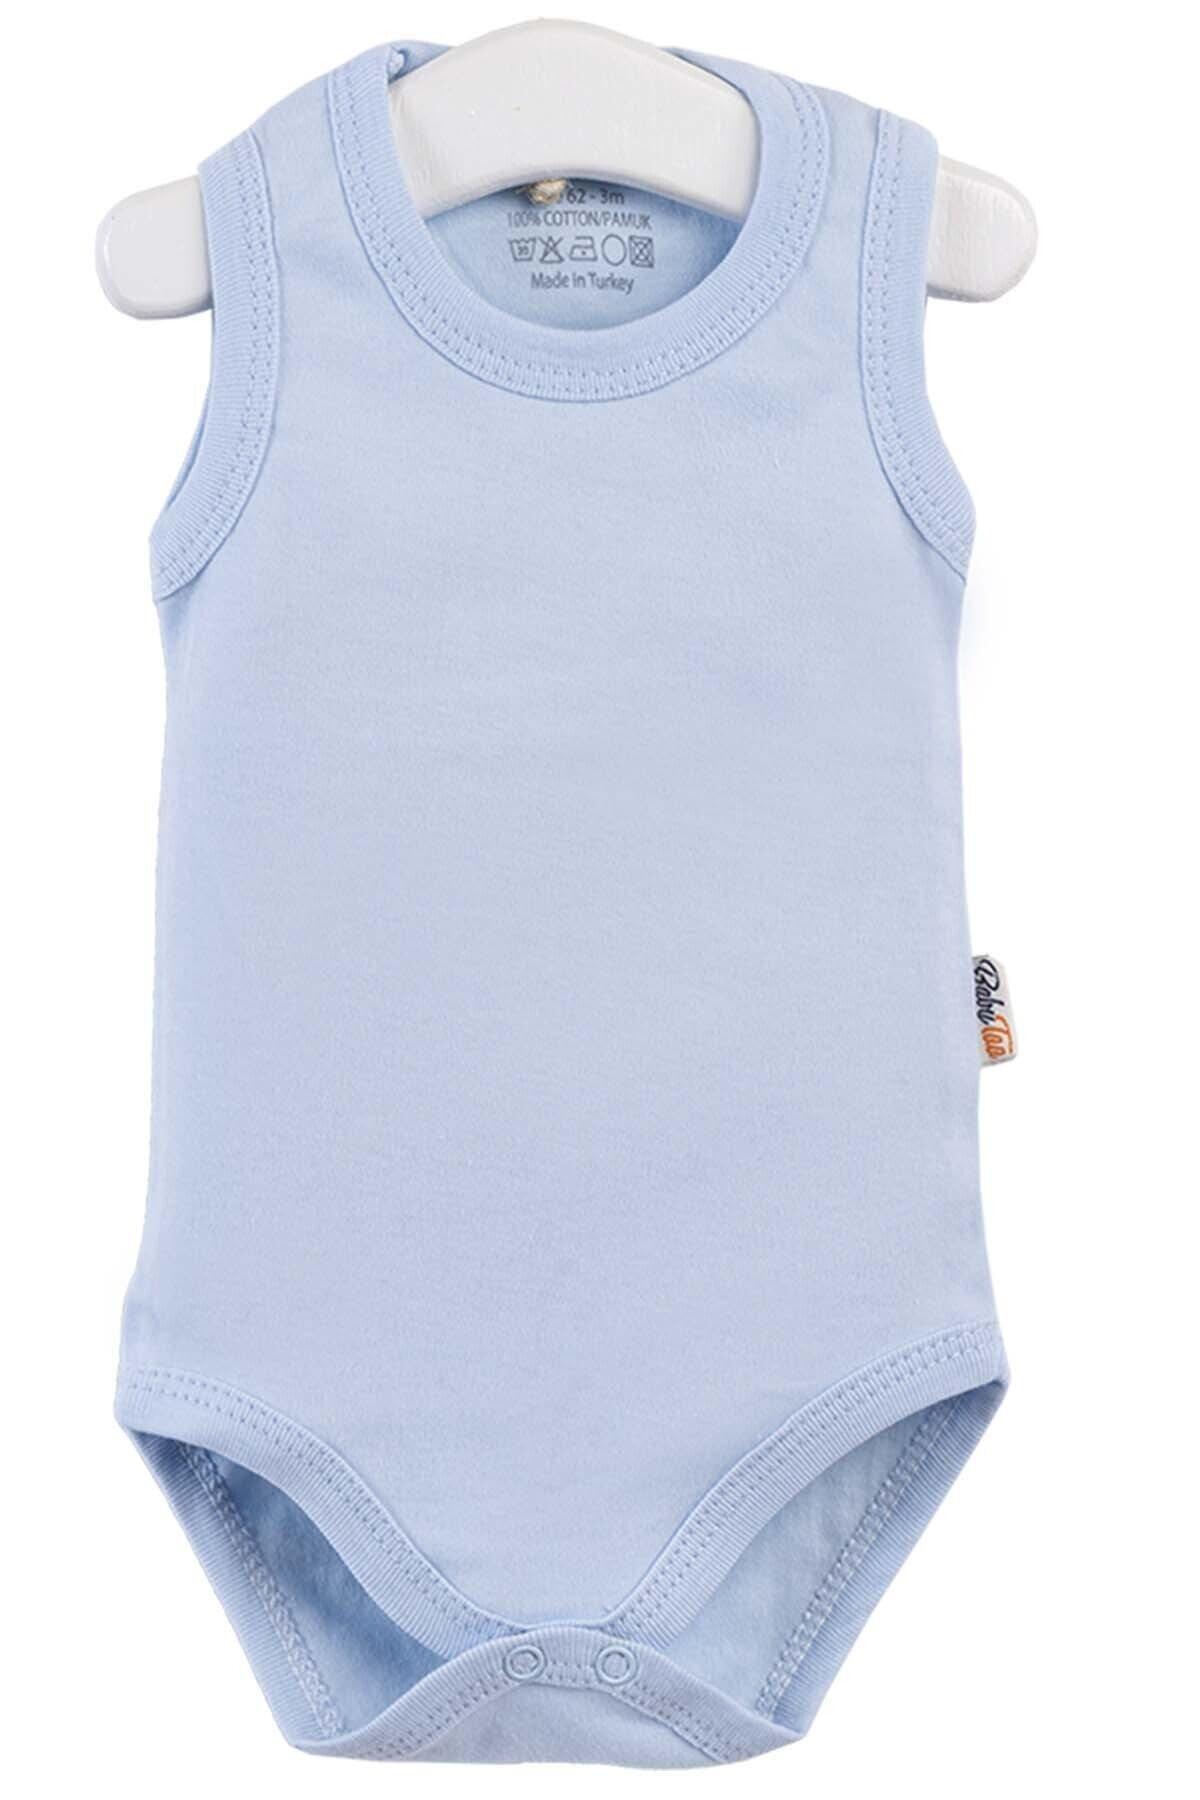 Pattaya Kids Unisex Bebek Mavi Baskılı Zıbın Seti 4' lü 2